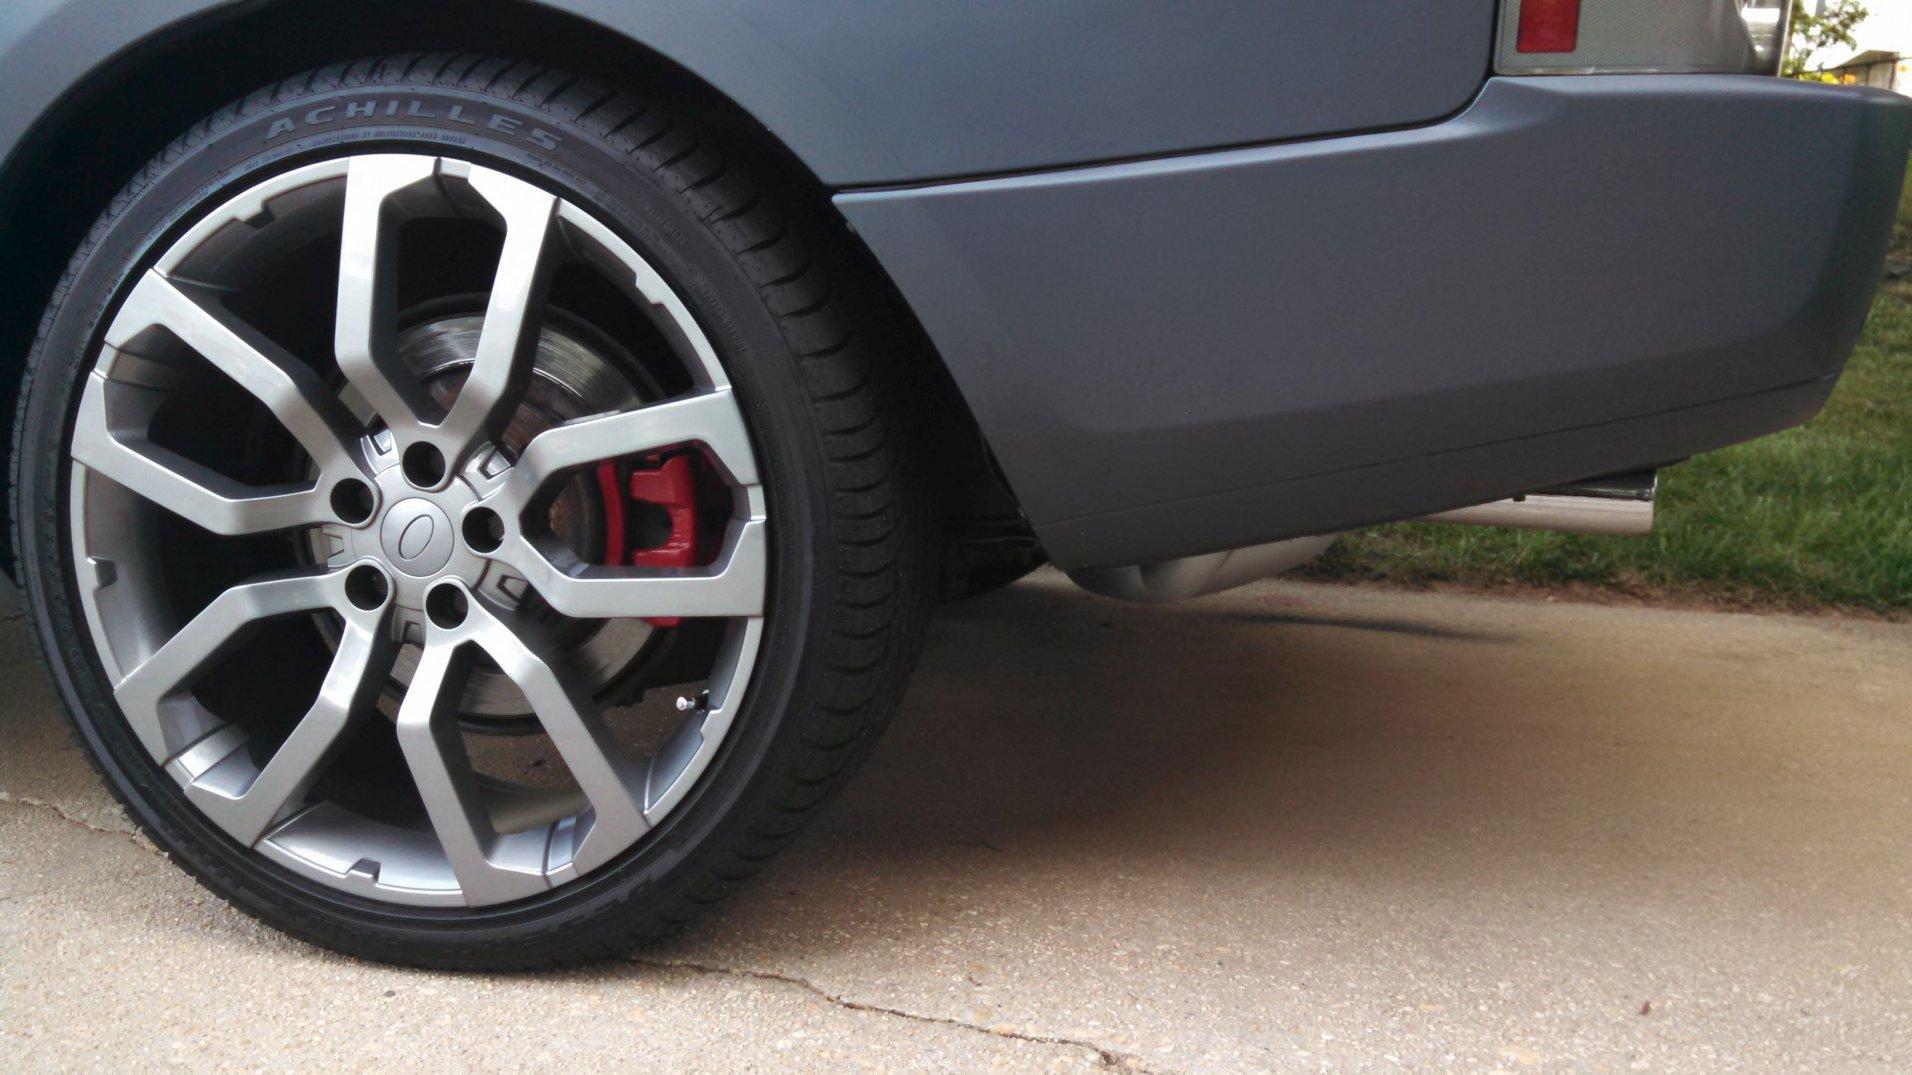 2004 Range Rover Exhaust Tip Upgrade-image007.jpg